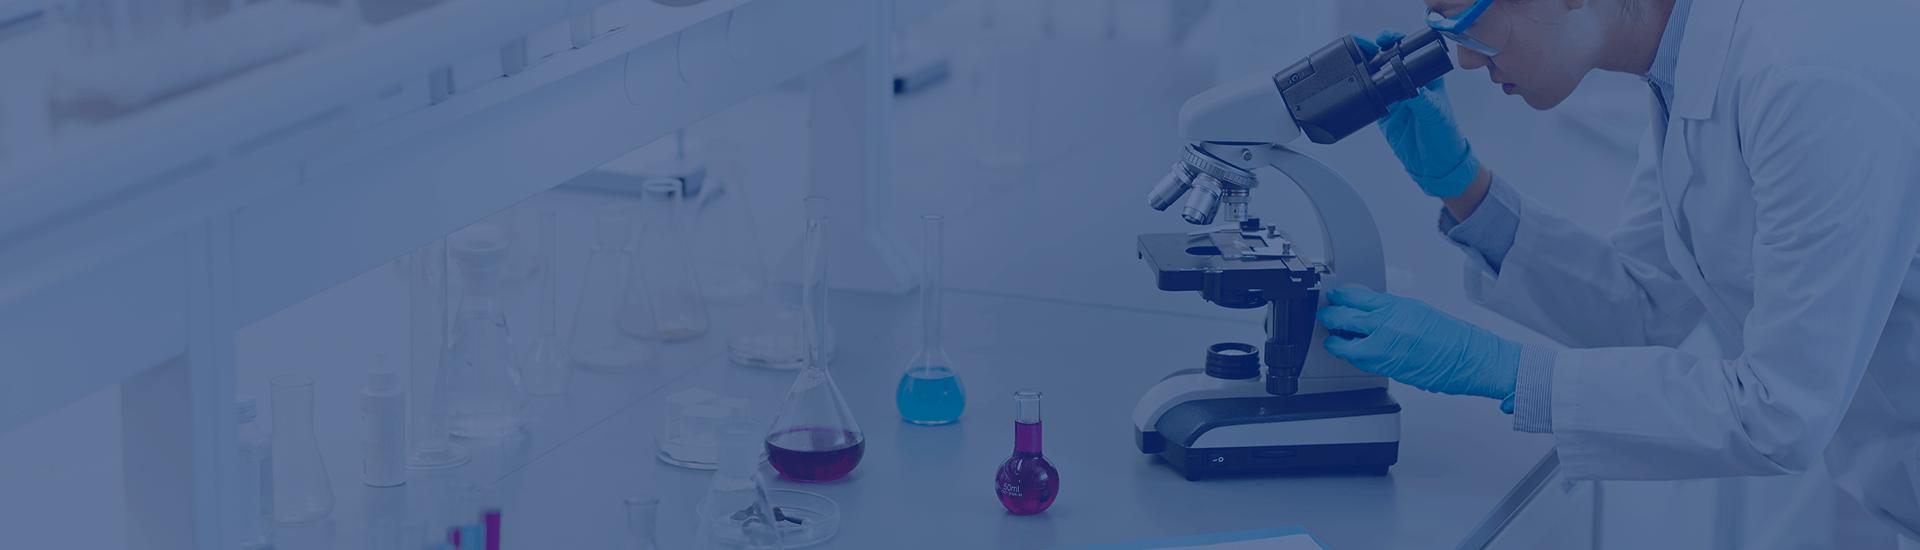 chemical lab design by Kastner